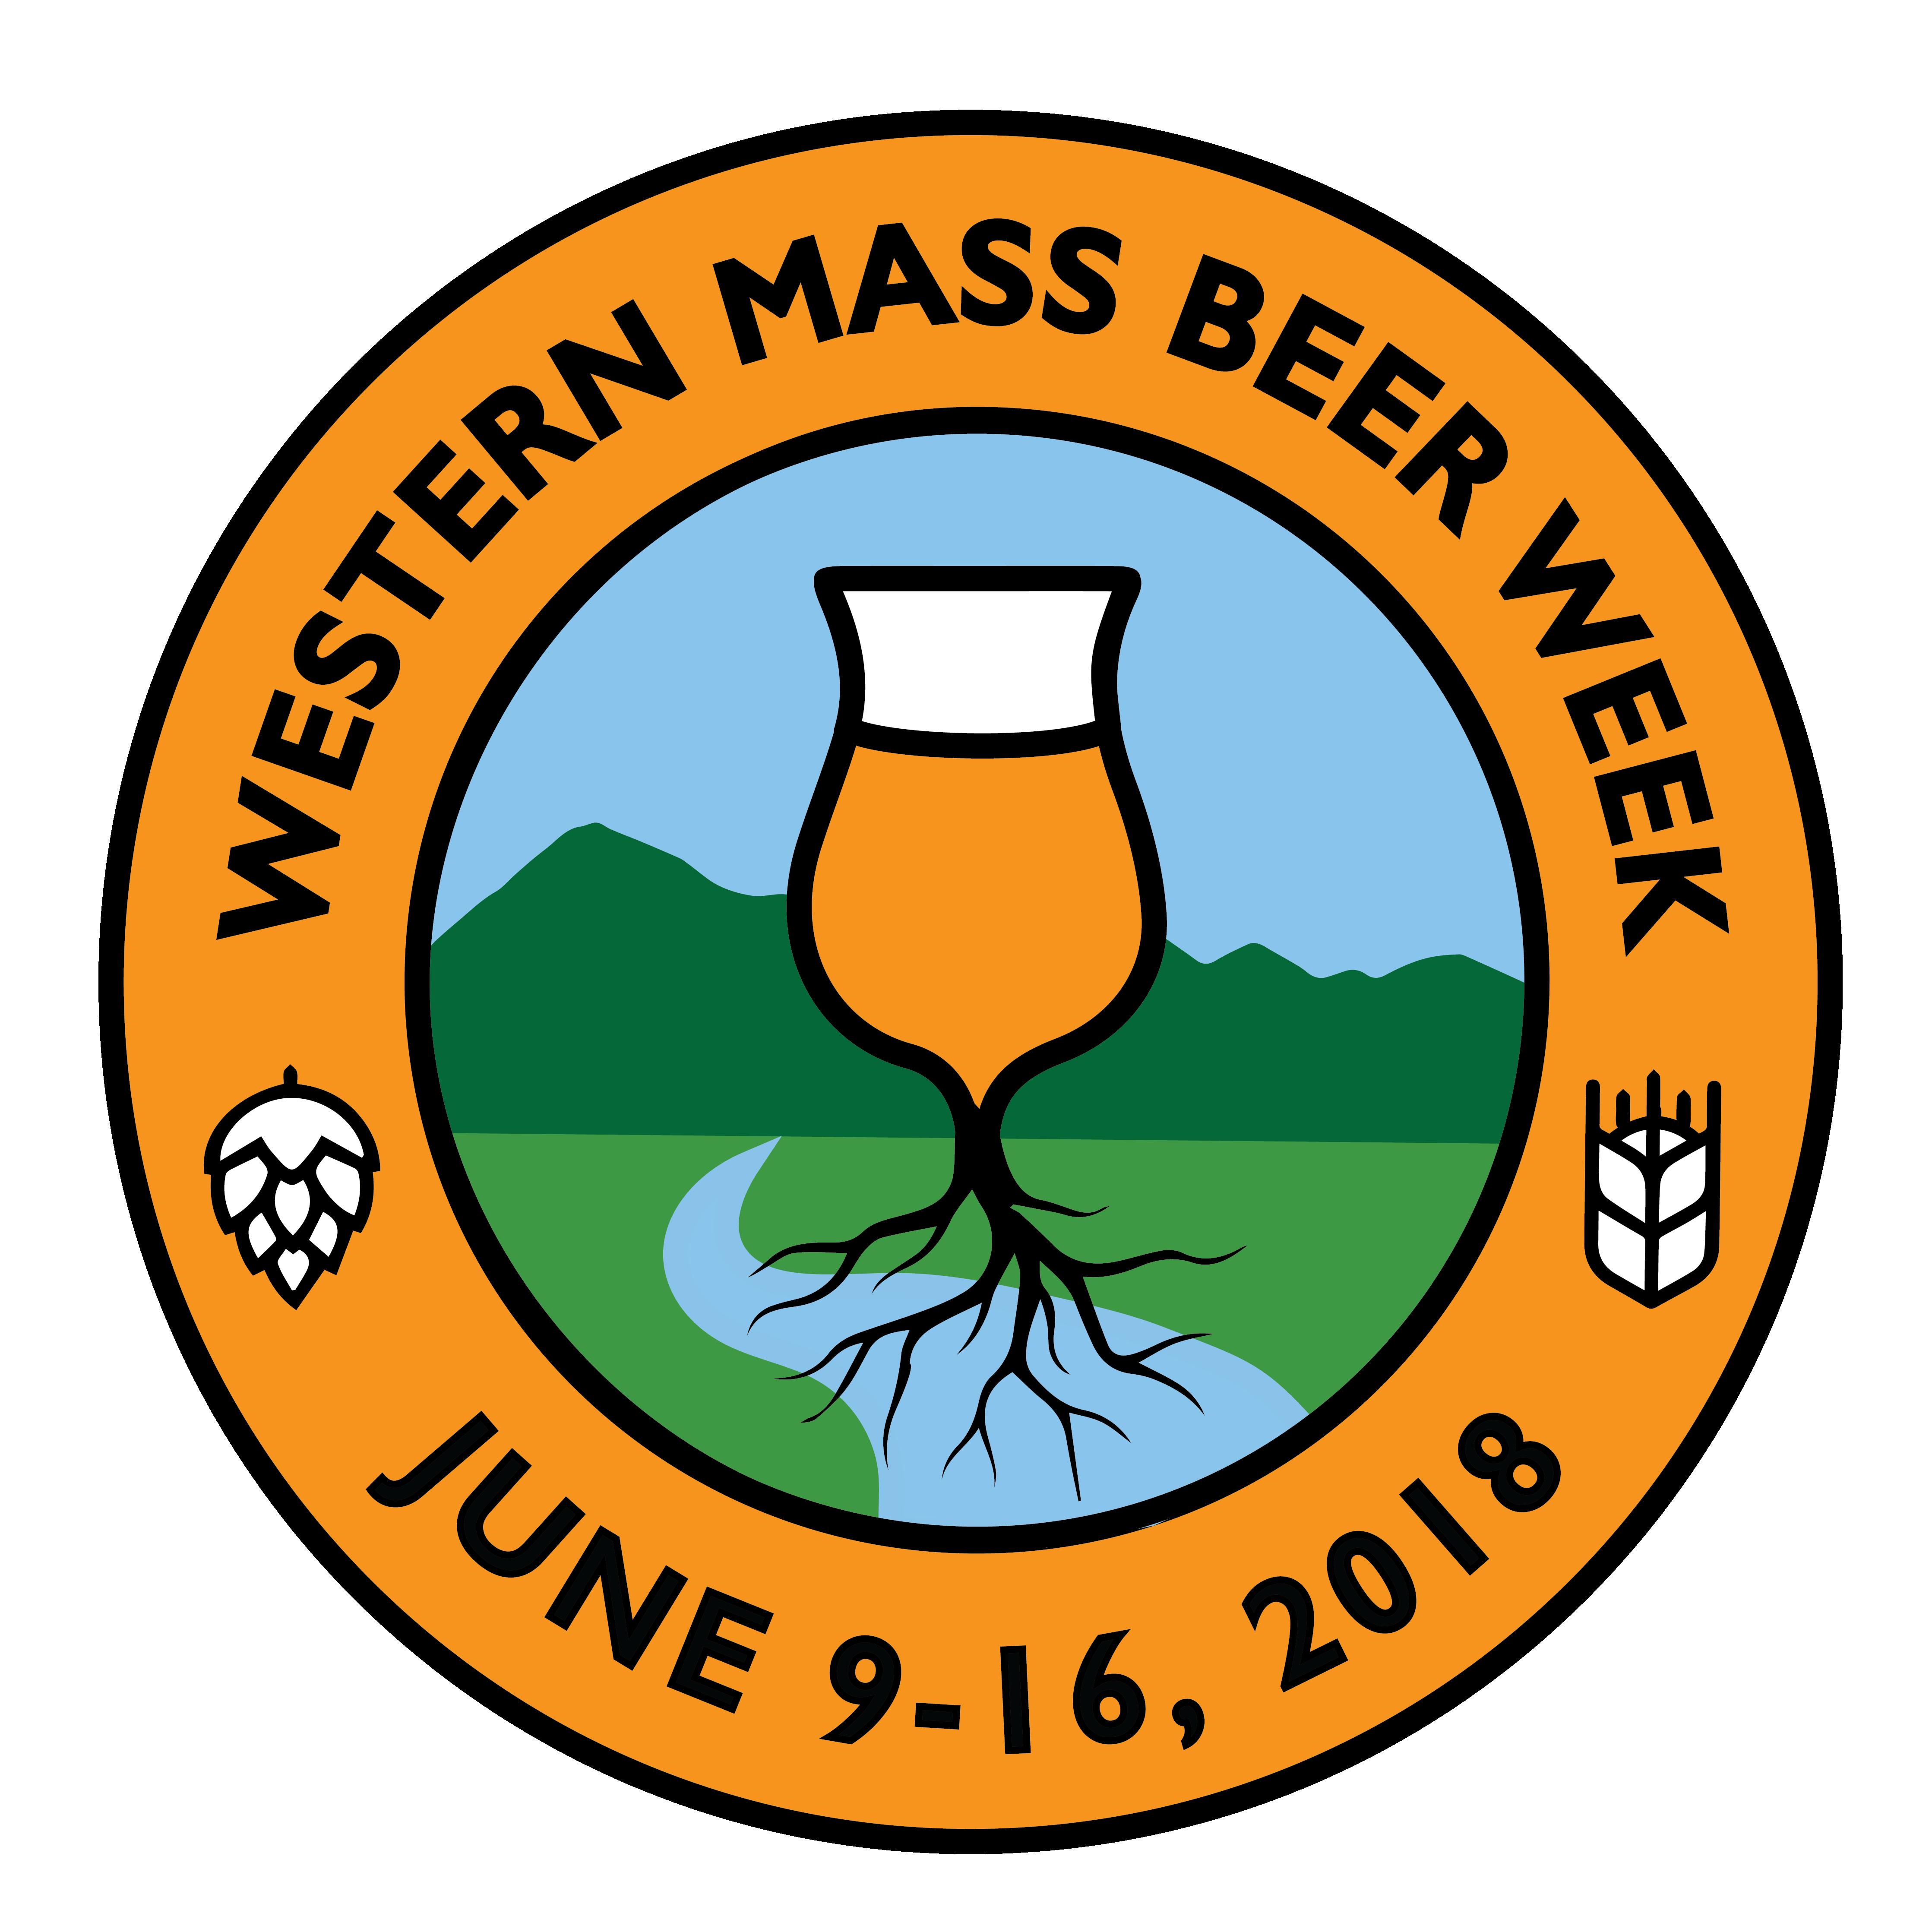 Western Mass Beer Week